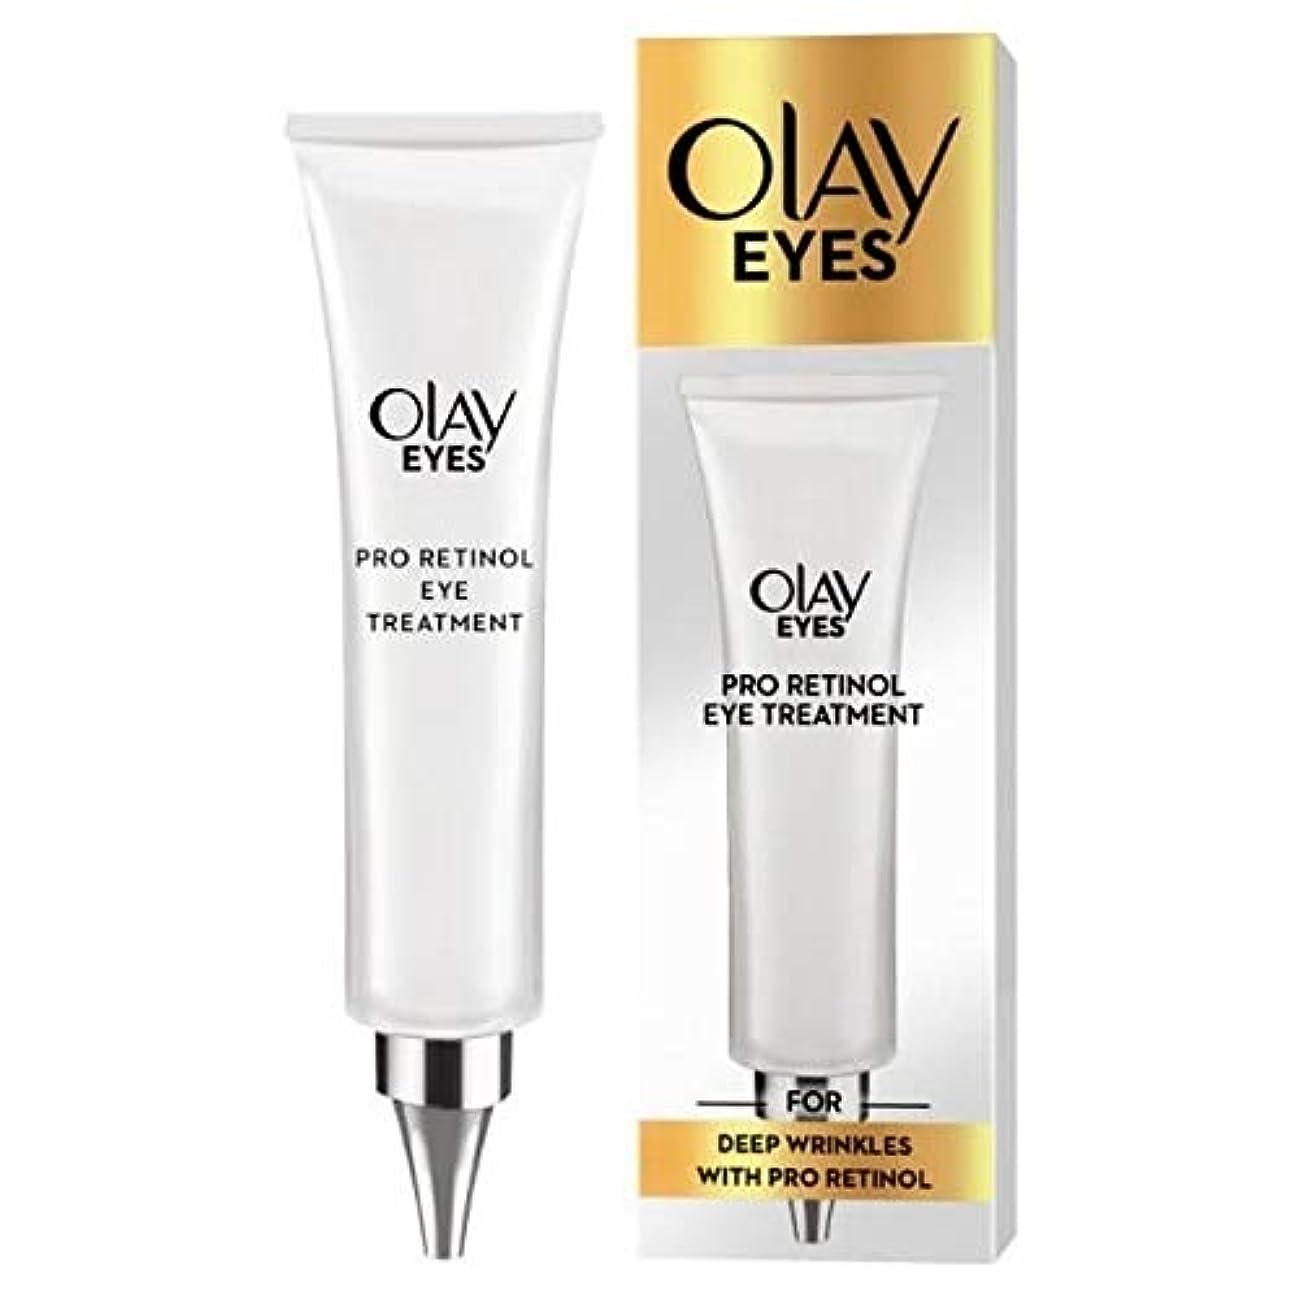 不屈マルクス主義アラブ[Olay ] オーレイ目プロレチノールアイトリートメント - Olay Eyes Pro-Retinol Eye Treatment [並行輸入品]